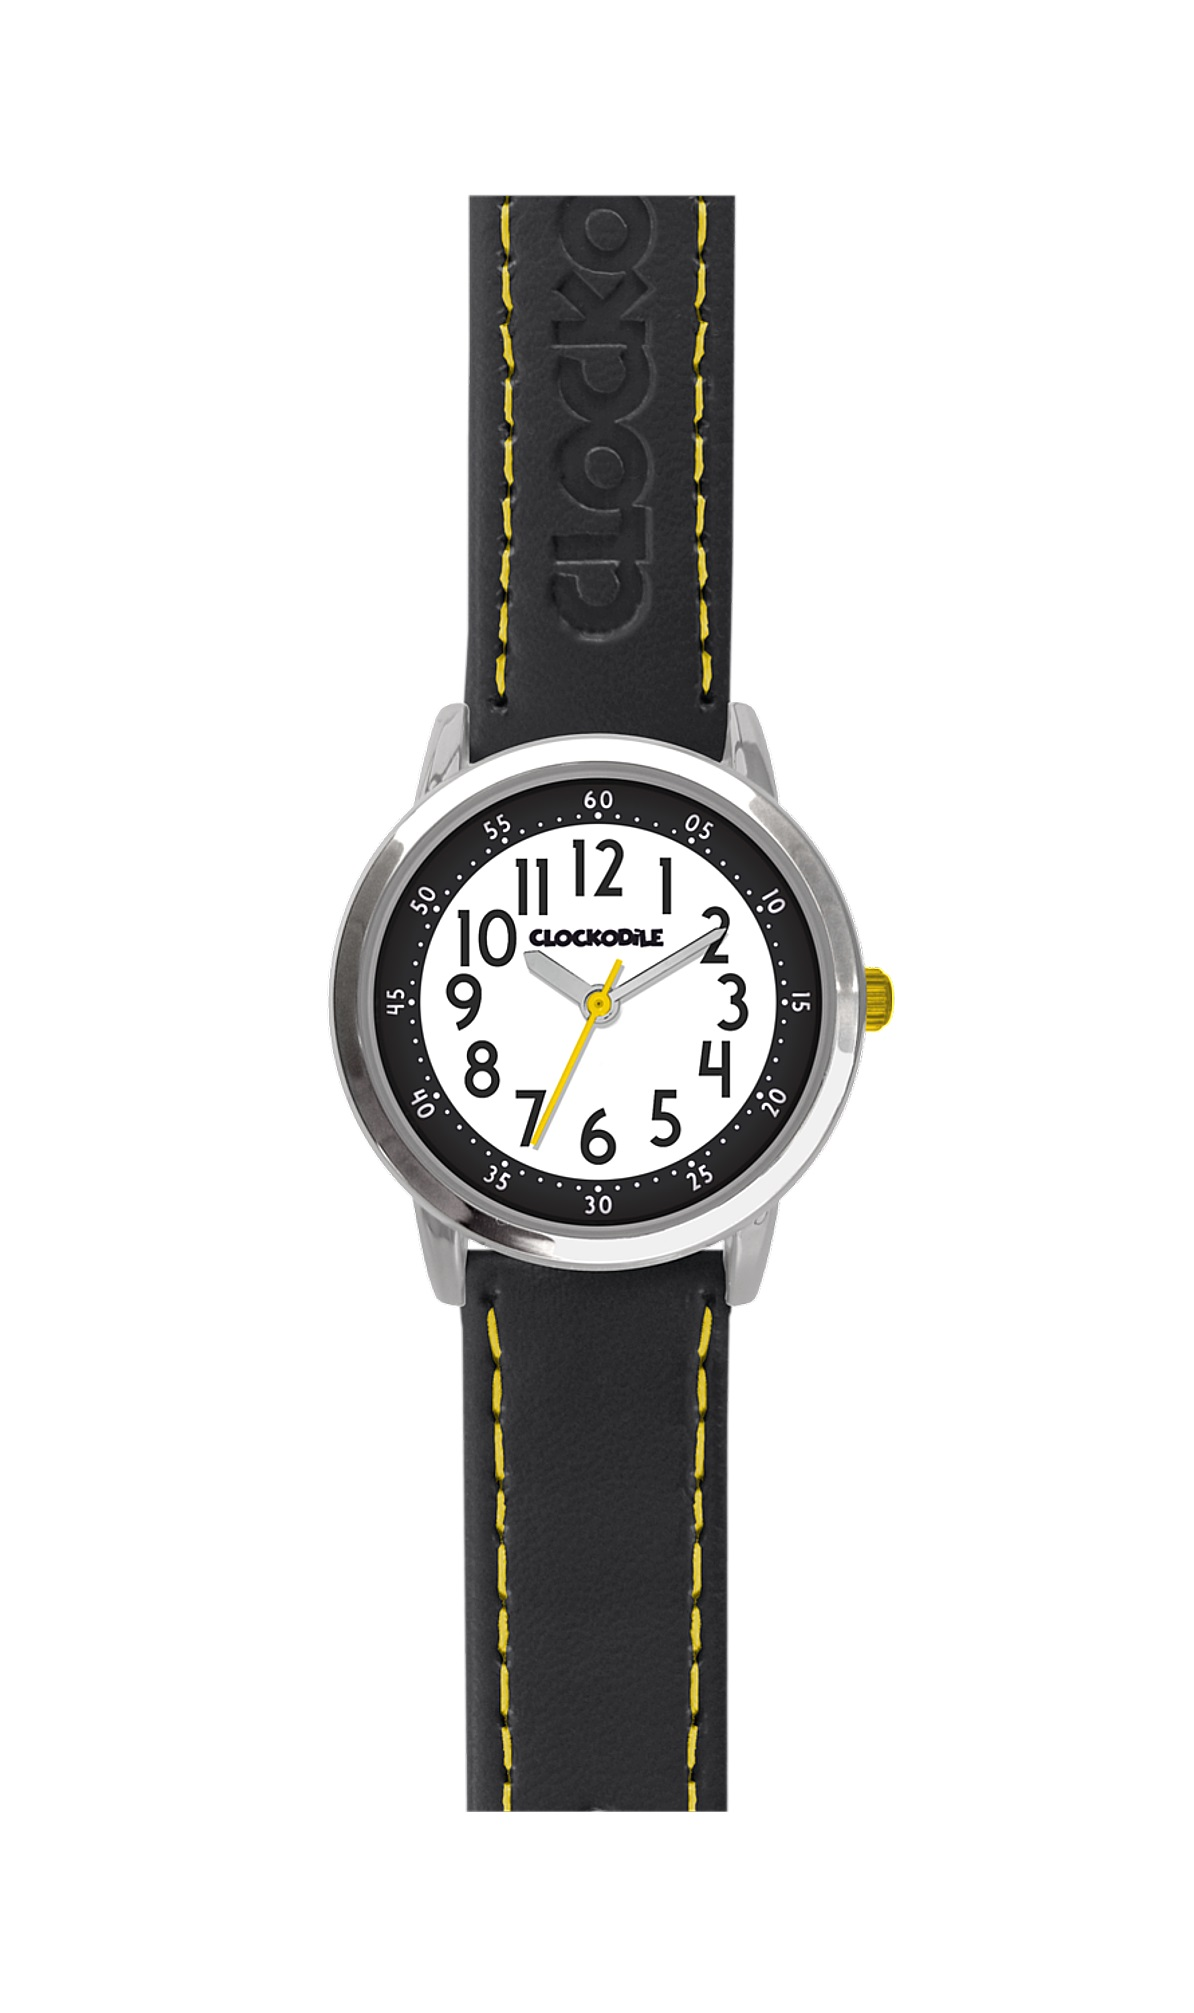 Dětské černé chlapecké hodinky CLOCKODILE COLOURCWB0011 (CWB0011 - dětské hodinky)